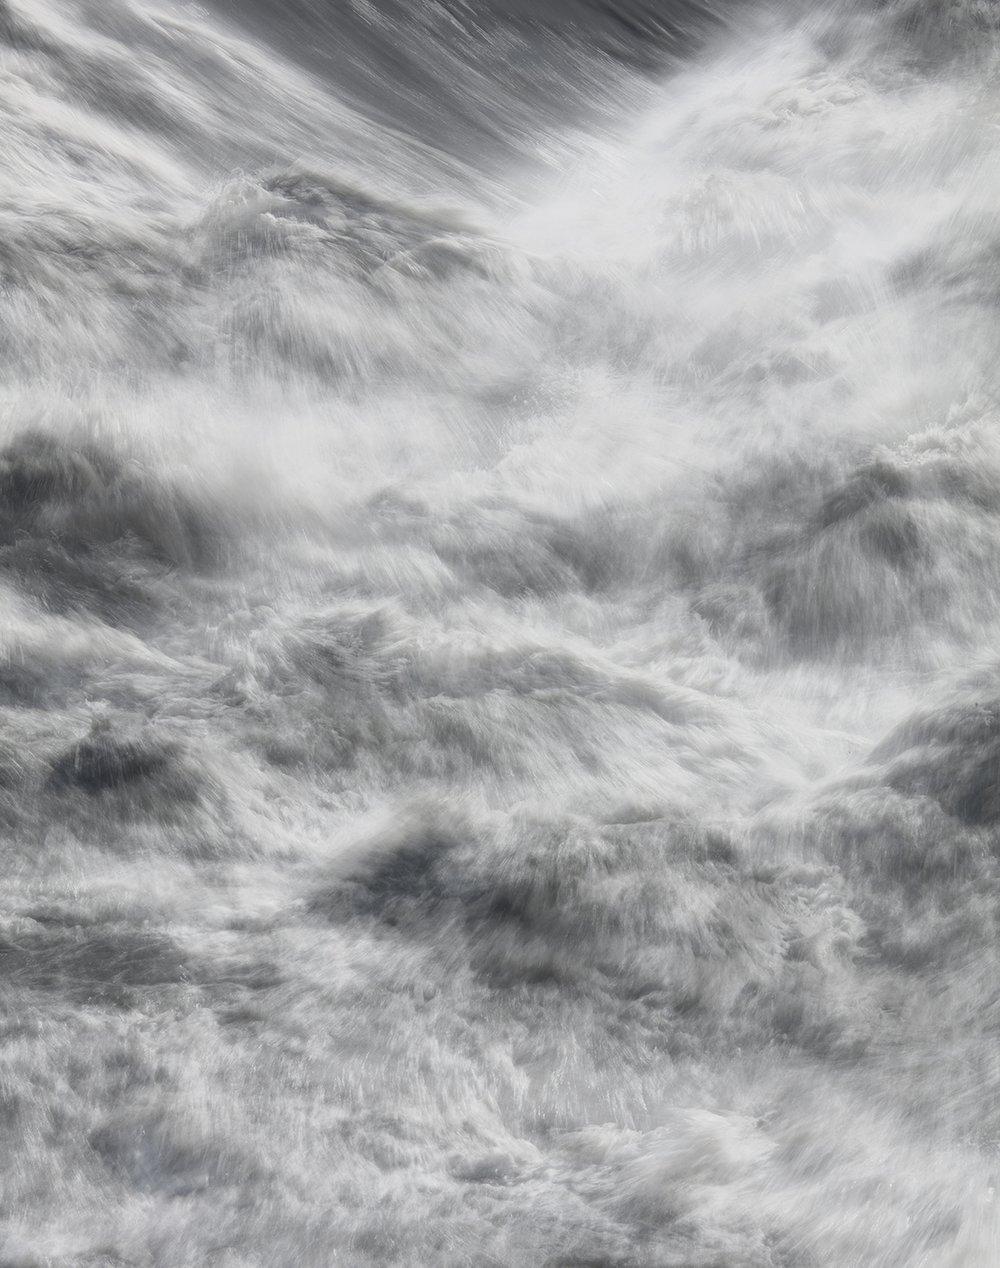 Flumen 10, 2017 37.5 x 30 in Vellum + Archival Inkjet Prints Overlaid